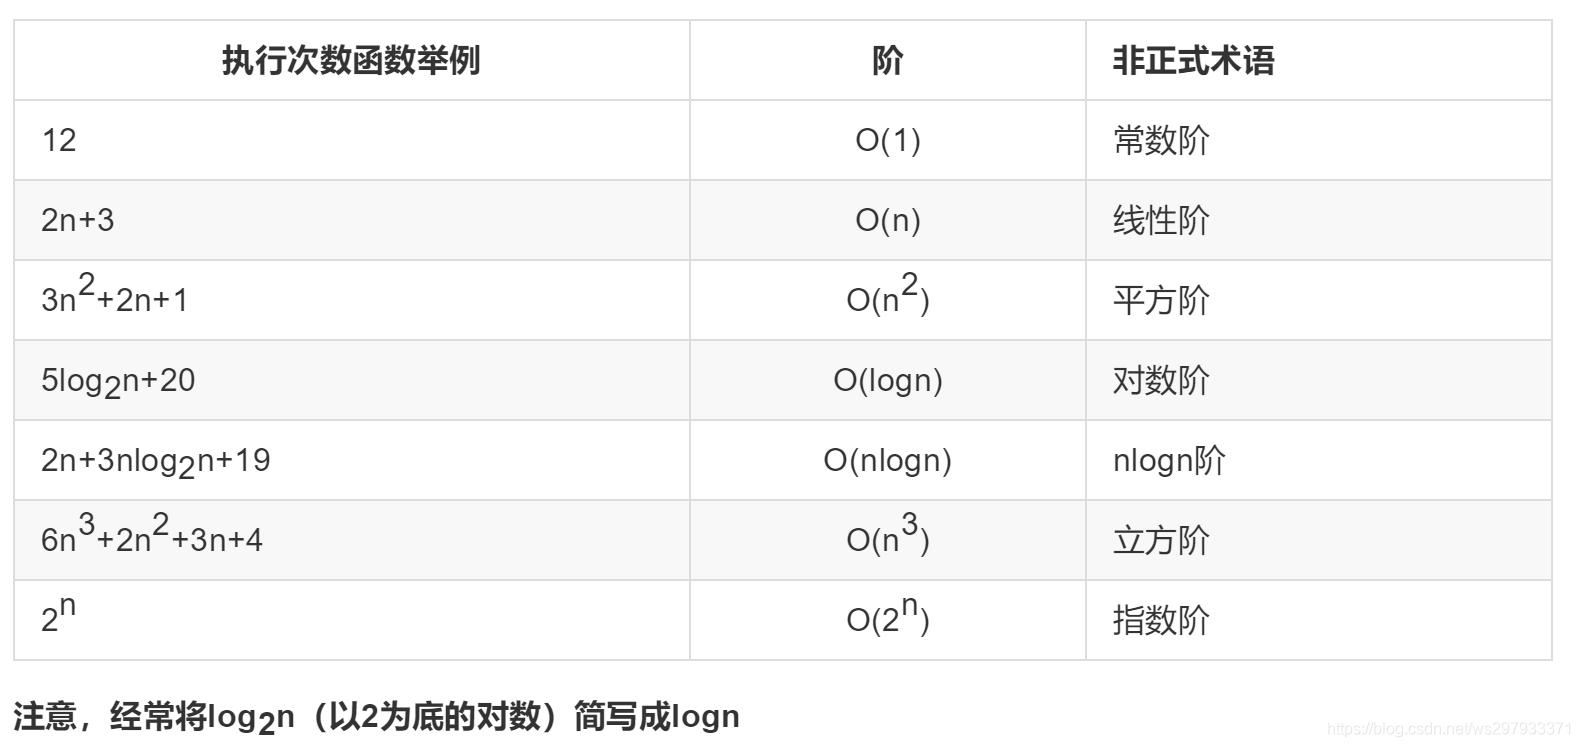 注意,经常将log2n(以2为底的对数)简写成logn